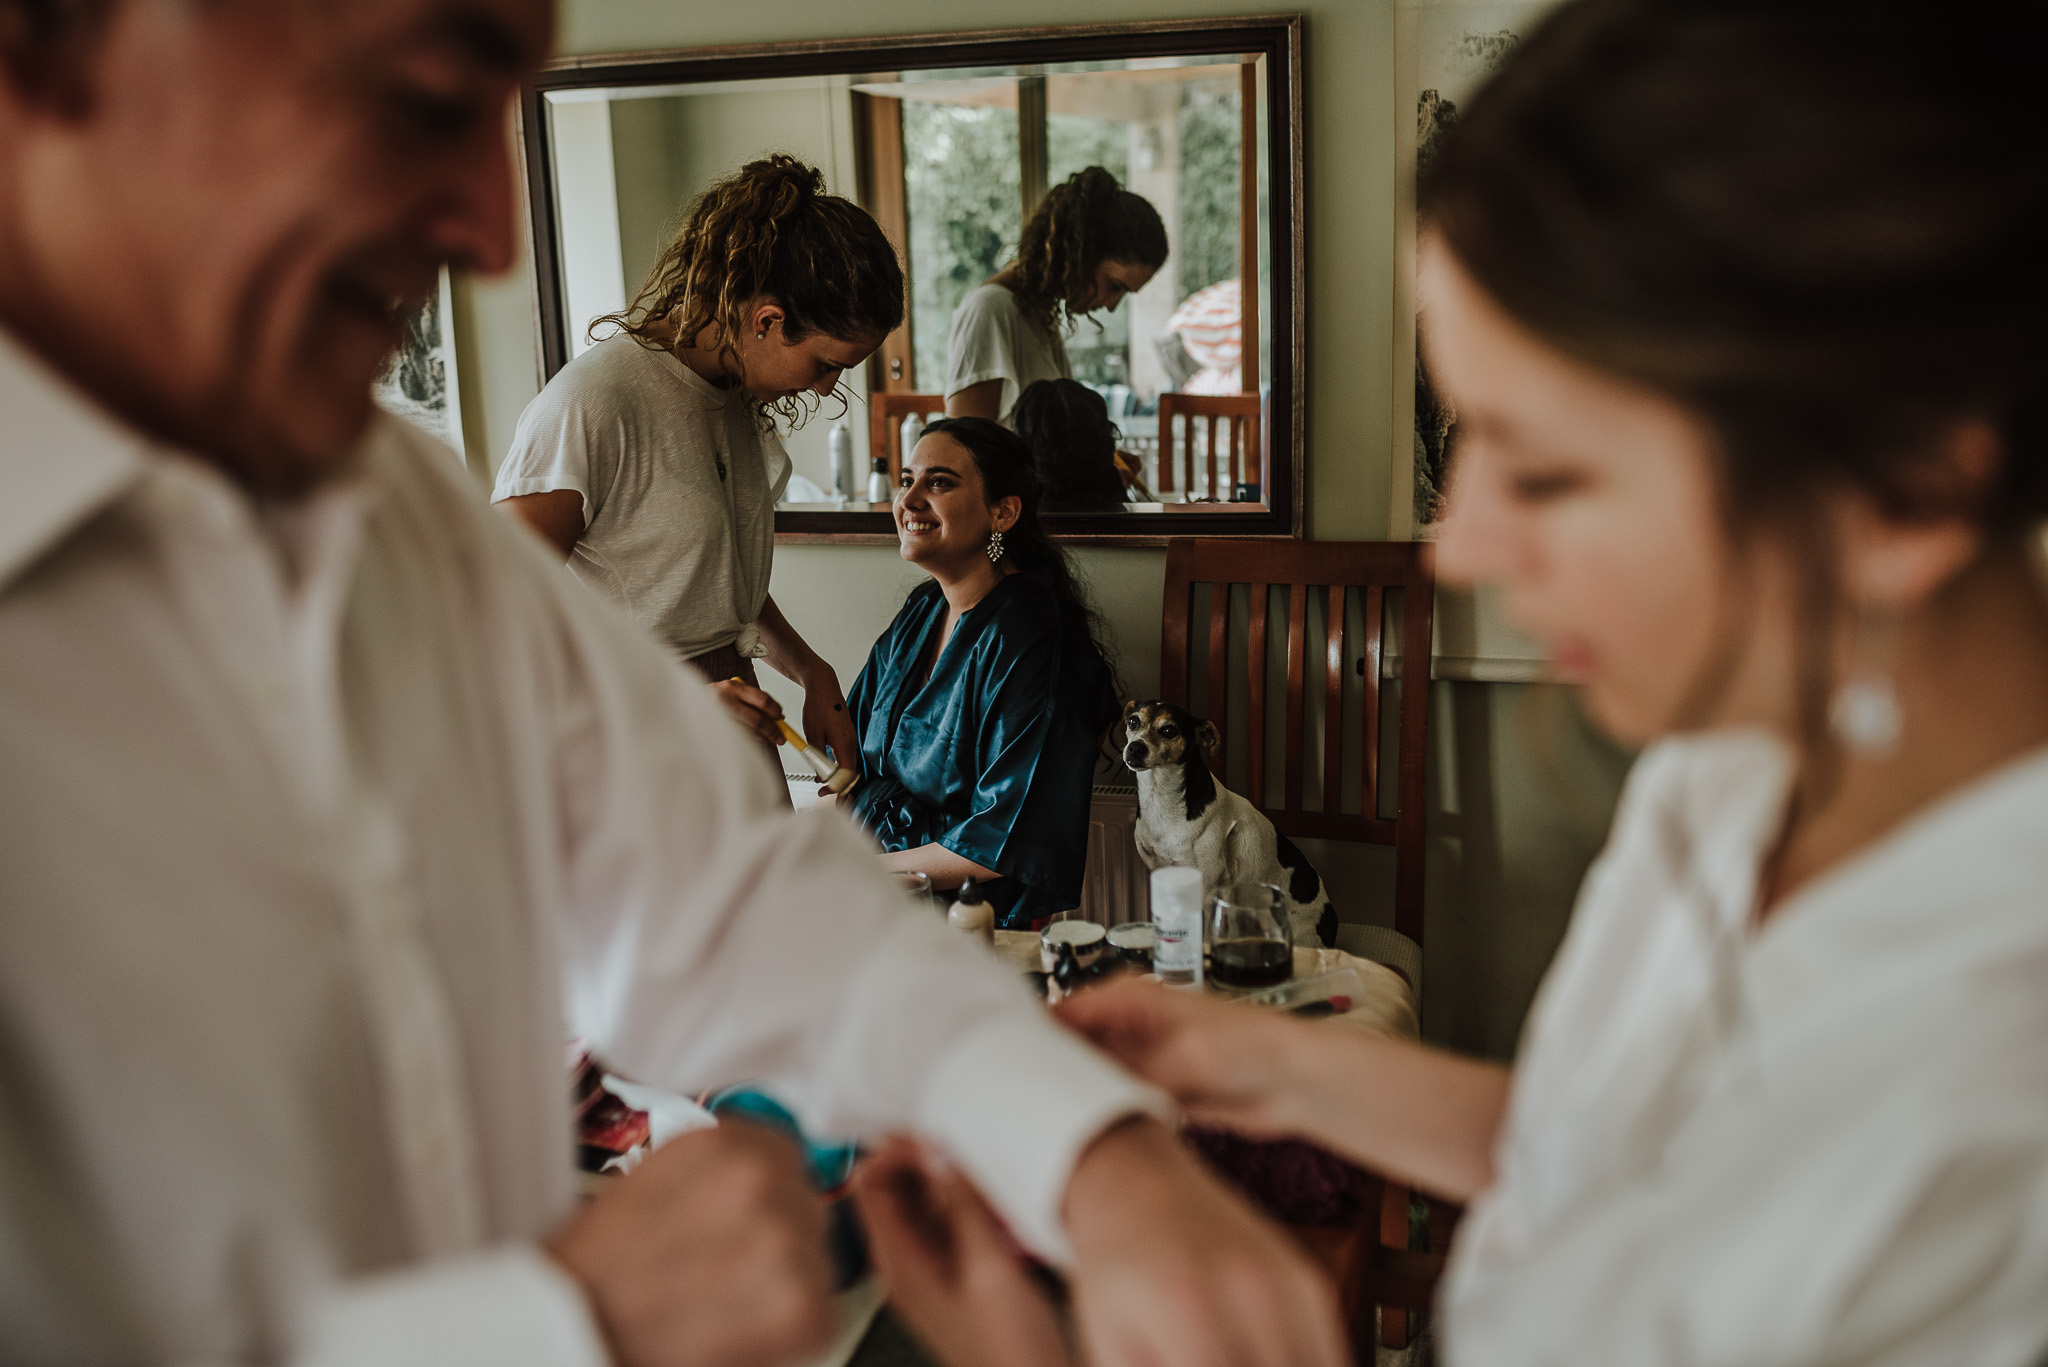 fotografo de matrimonios-preparativos novia-novia